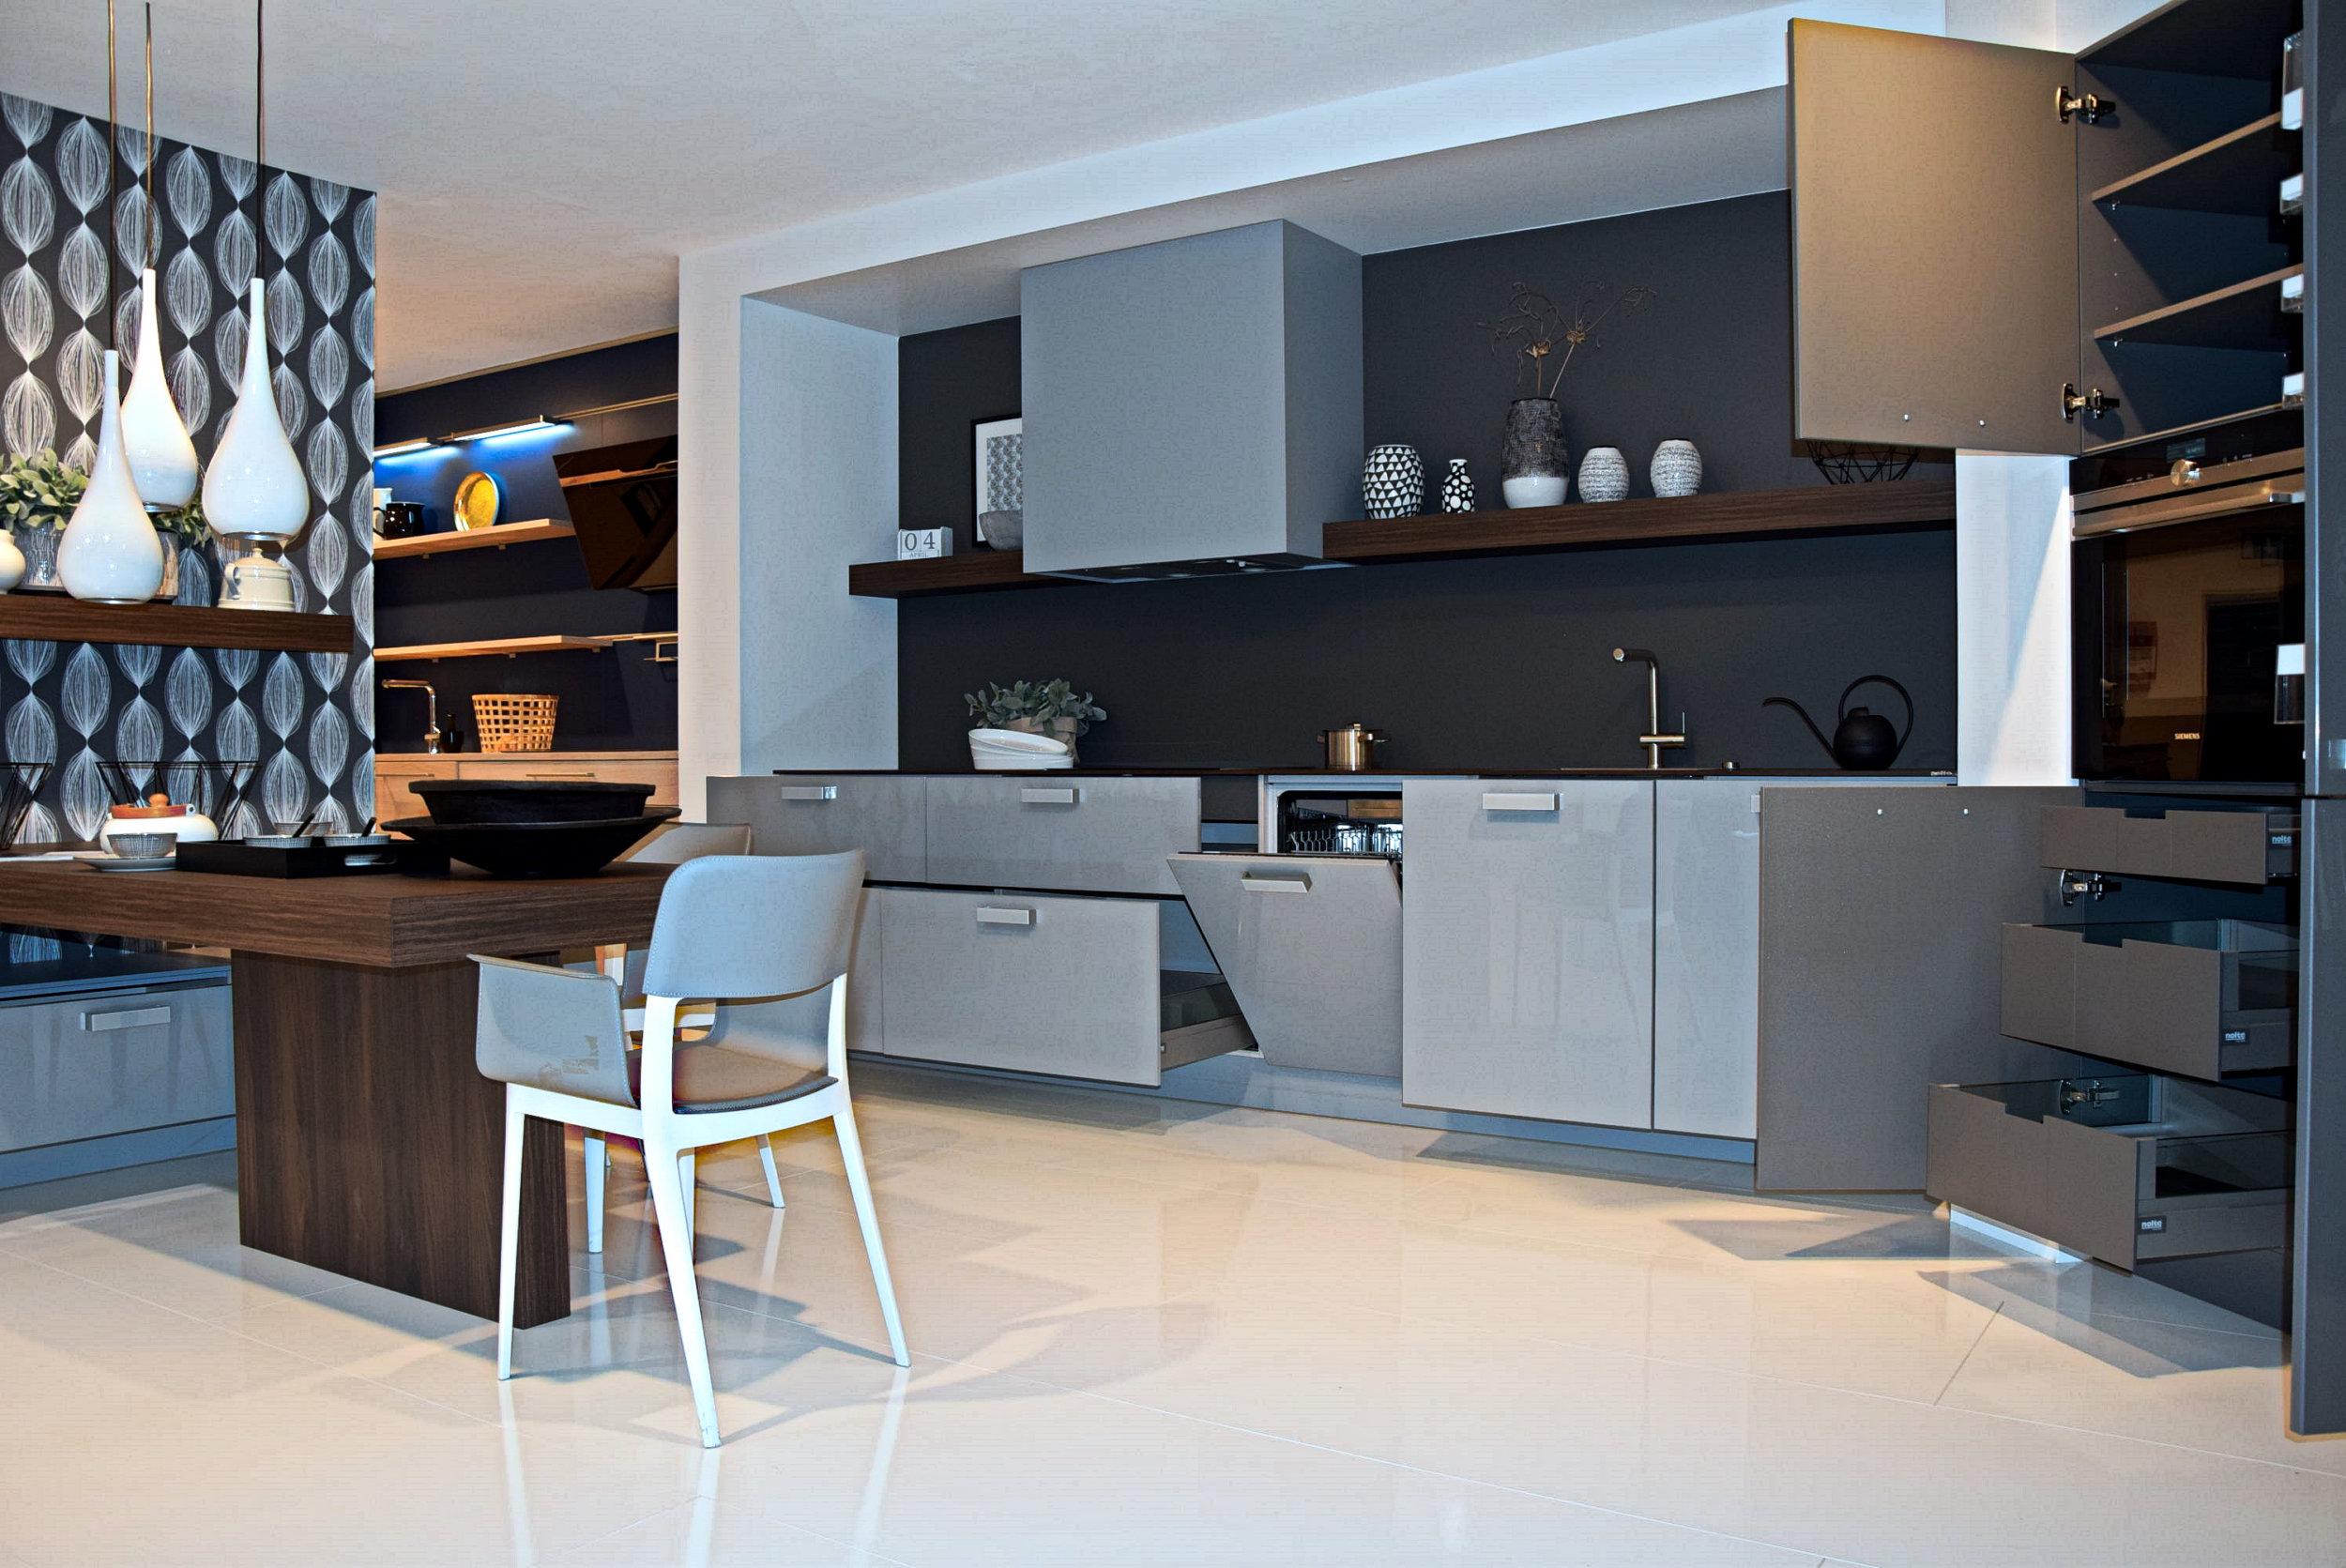 Full Size of Nolte Küchen Glasfront Traumkche Klassik Kche Hcker Wei Modern Mit Holzoptik Und Roter Betten Regal Schlafzimmer Küche Wohnzimmer Nolte Küchen Glasfront